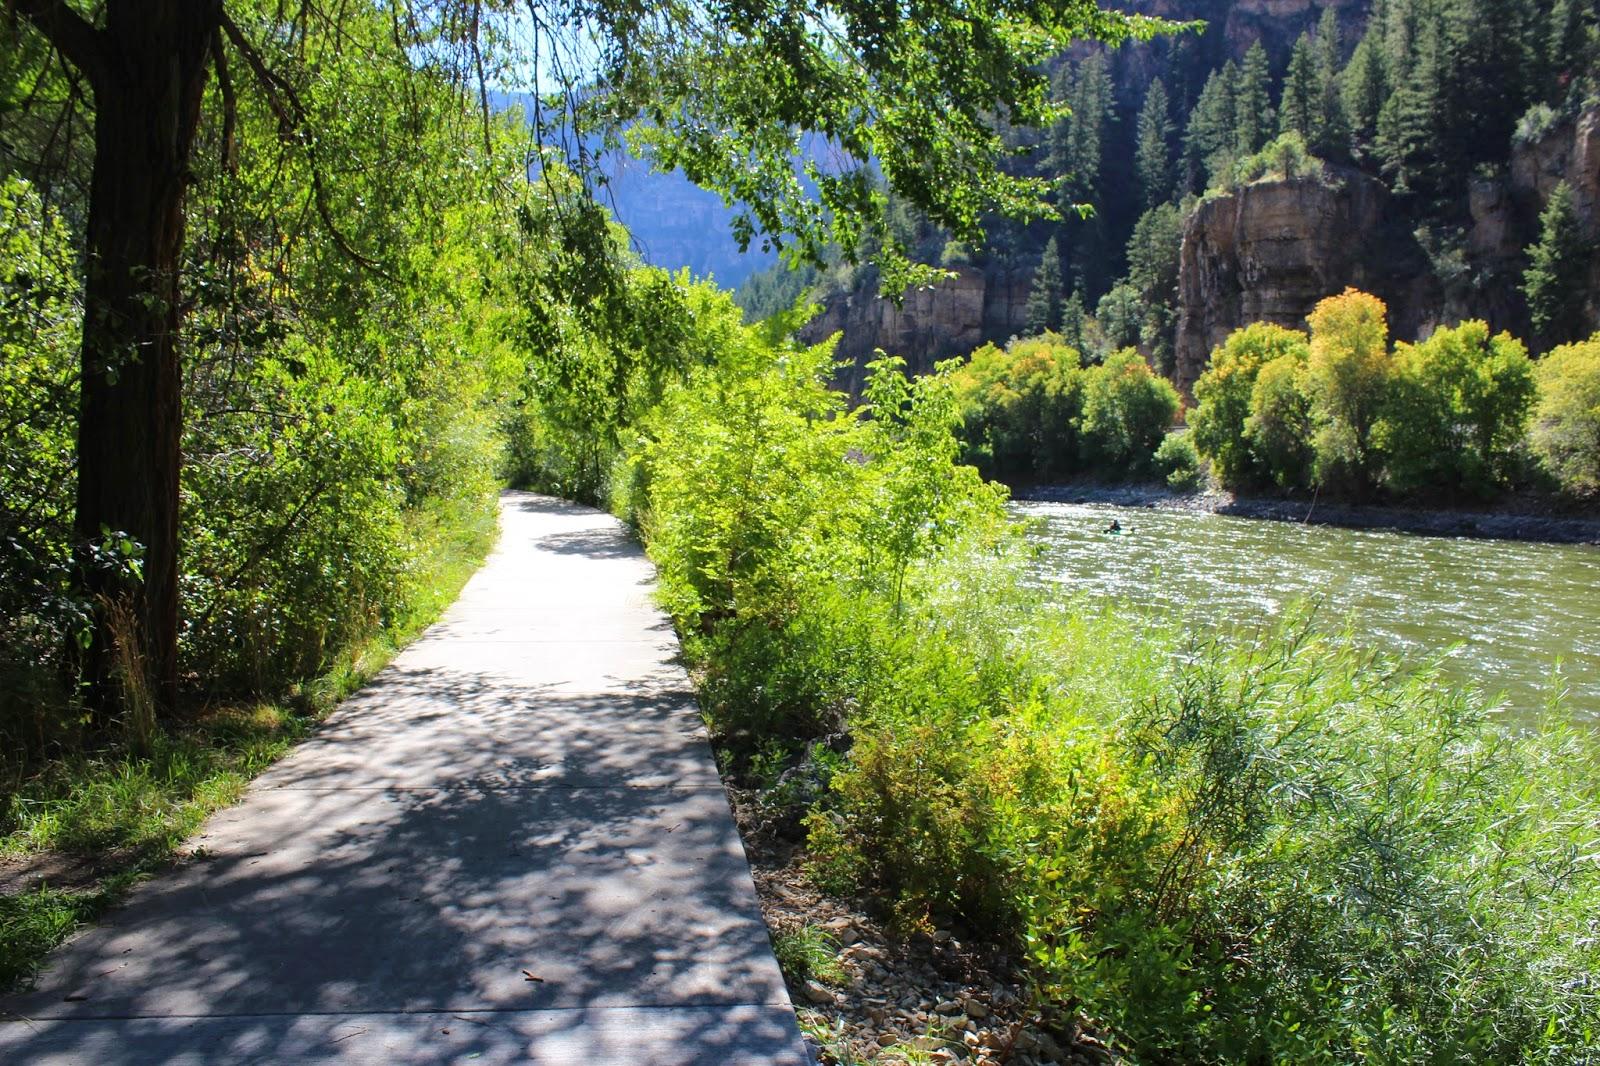 Glenwood Springs Elevation : Gjhikes glenwood canyon bike trail